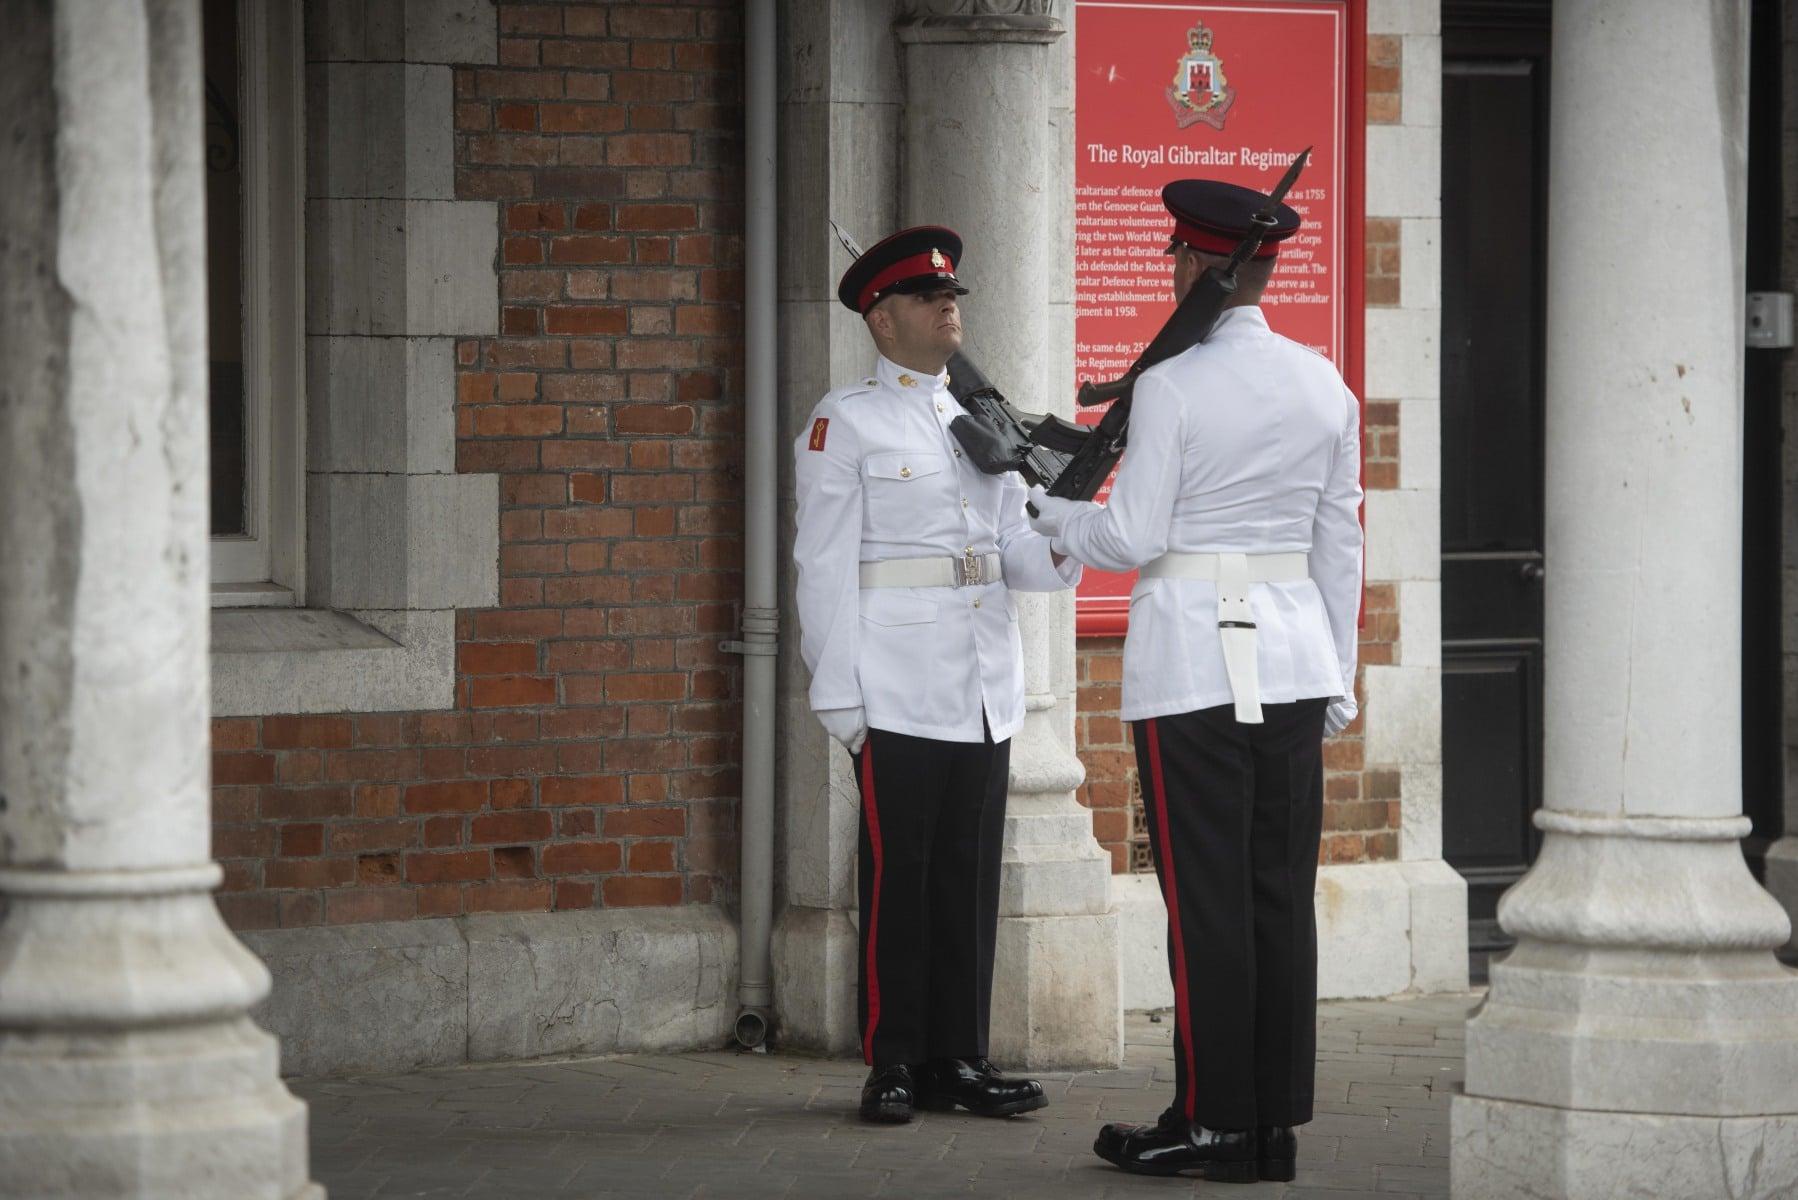 cambio-de-guardia-en-gibraltar-por-boda-real_42163382082_o